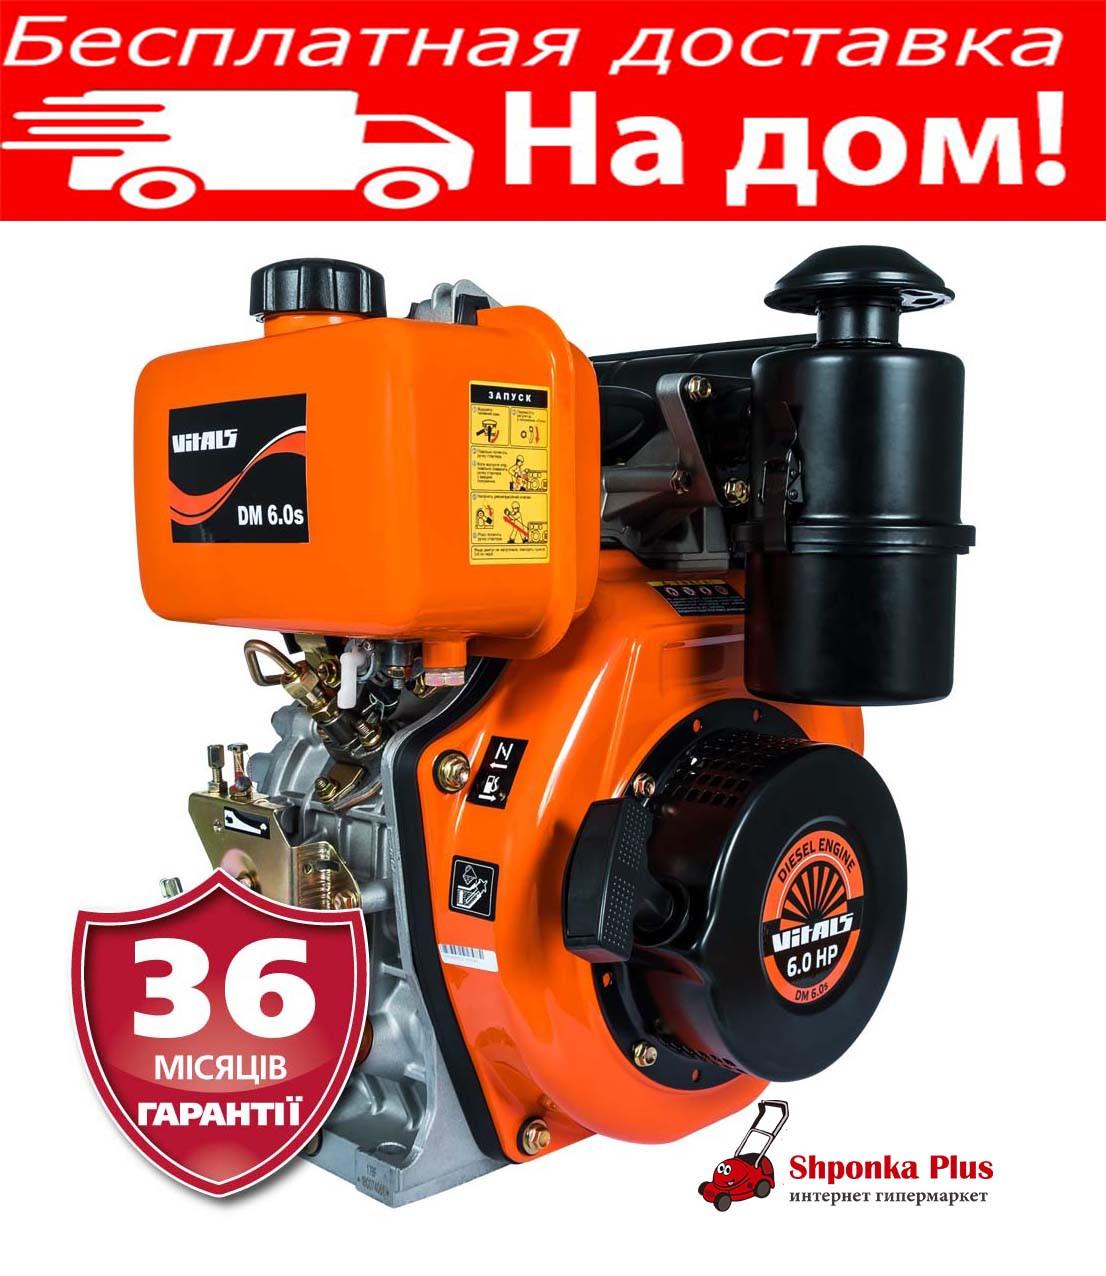 Двигатель дизель, 6л.с., шлицы, Vitals DM 6.0s (Латвия)